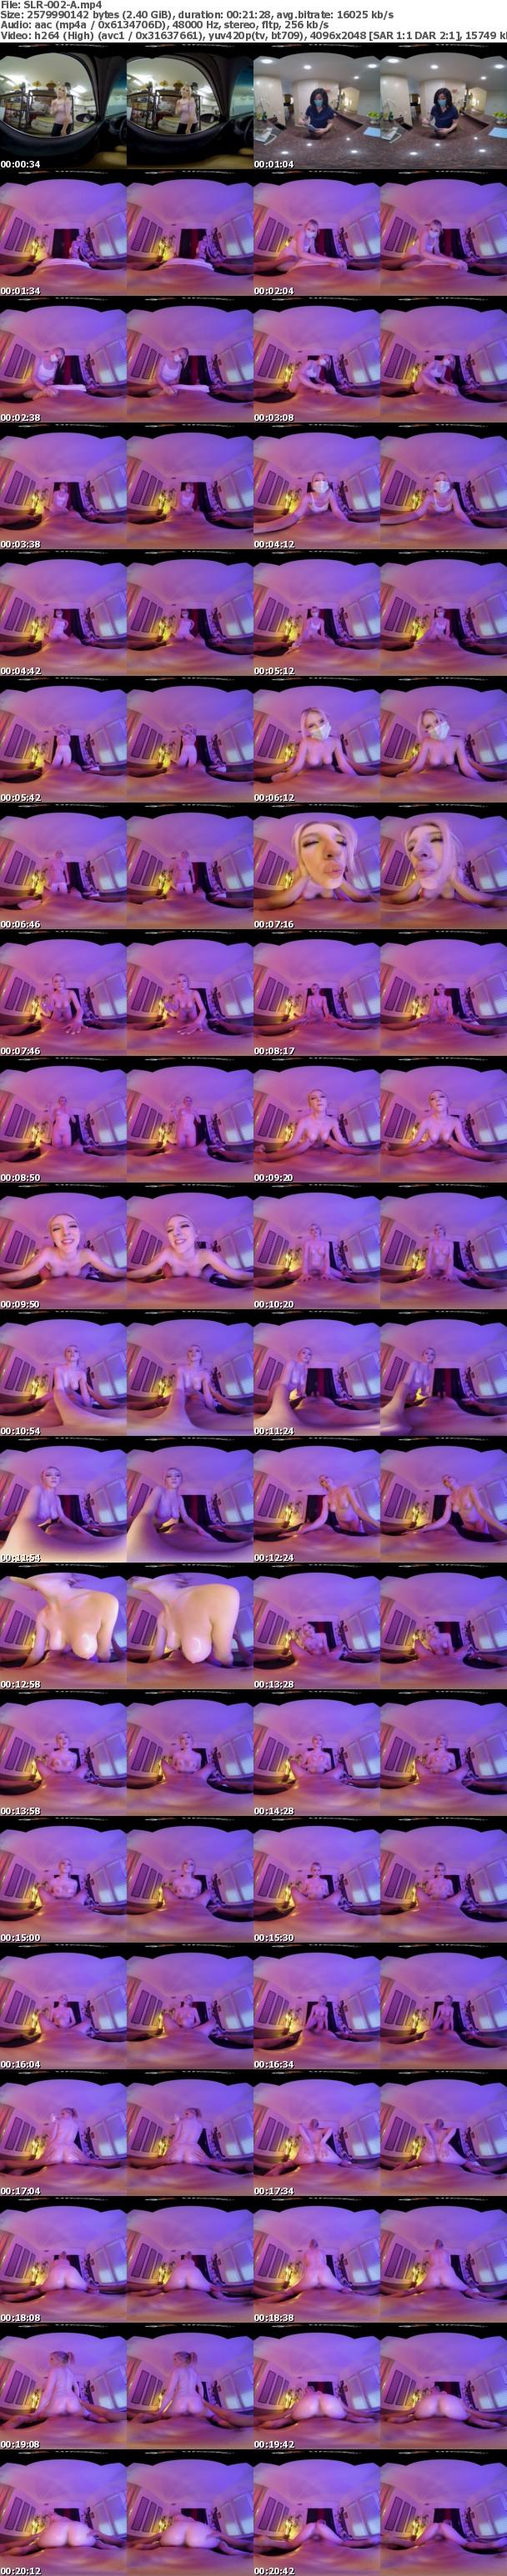 (VR) SLR-002 もしもあの女優がメンズエステで誘ってきたら…M男モード全開で痴女プレイ楽しんでやる! メロディー・雛・マークス